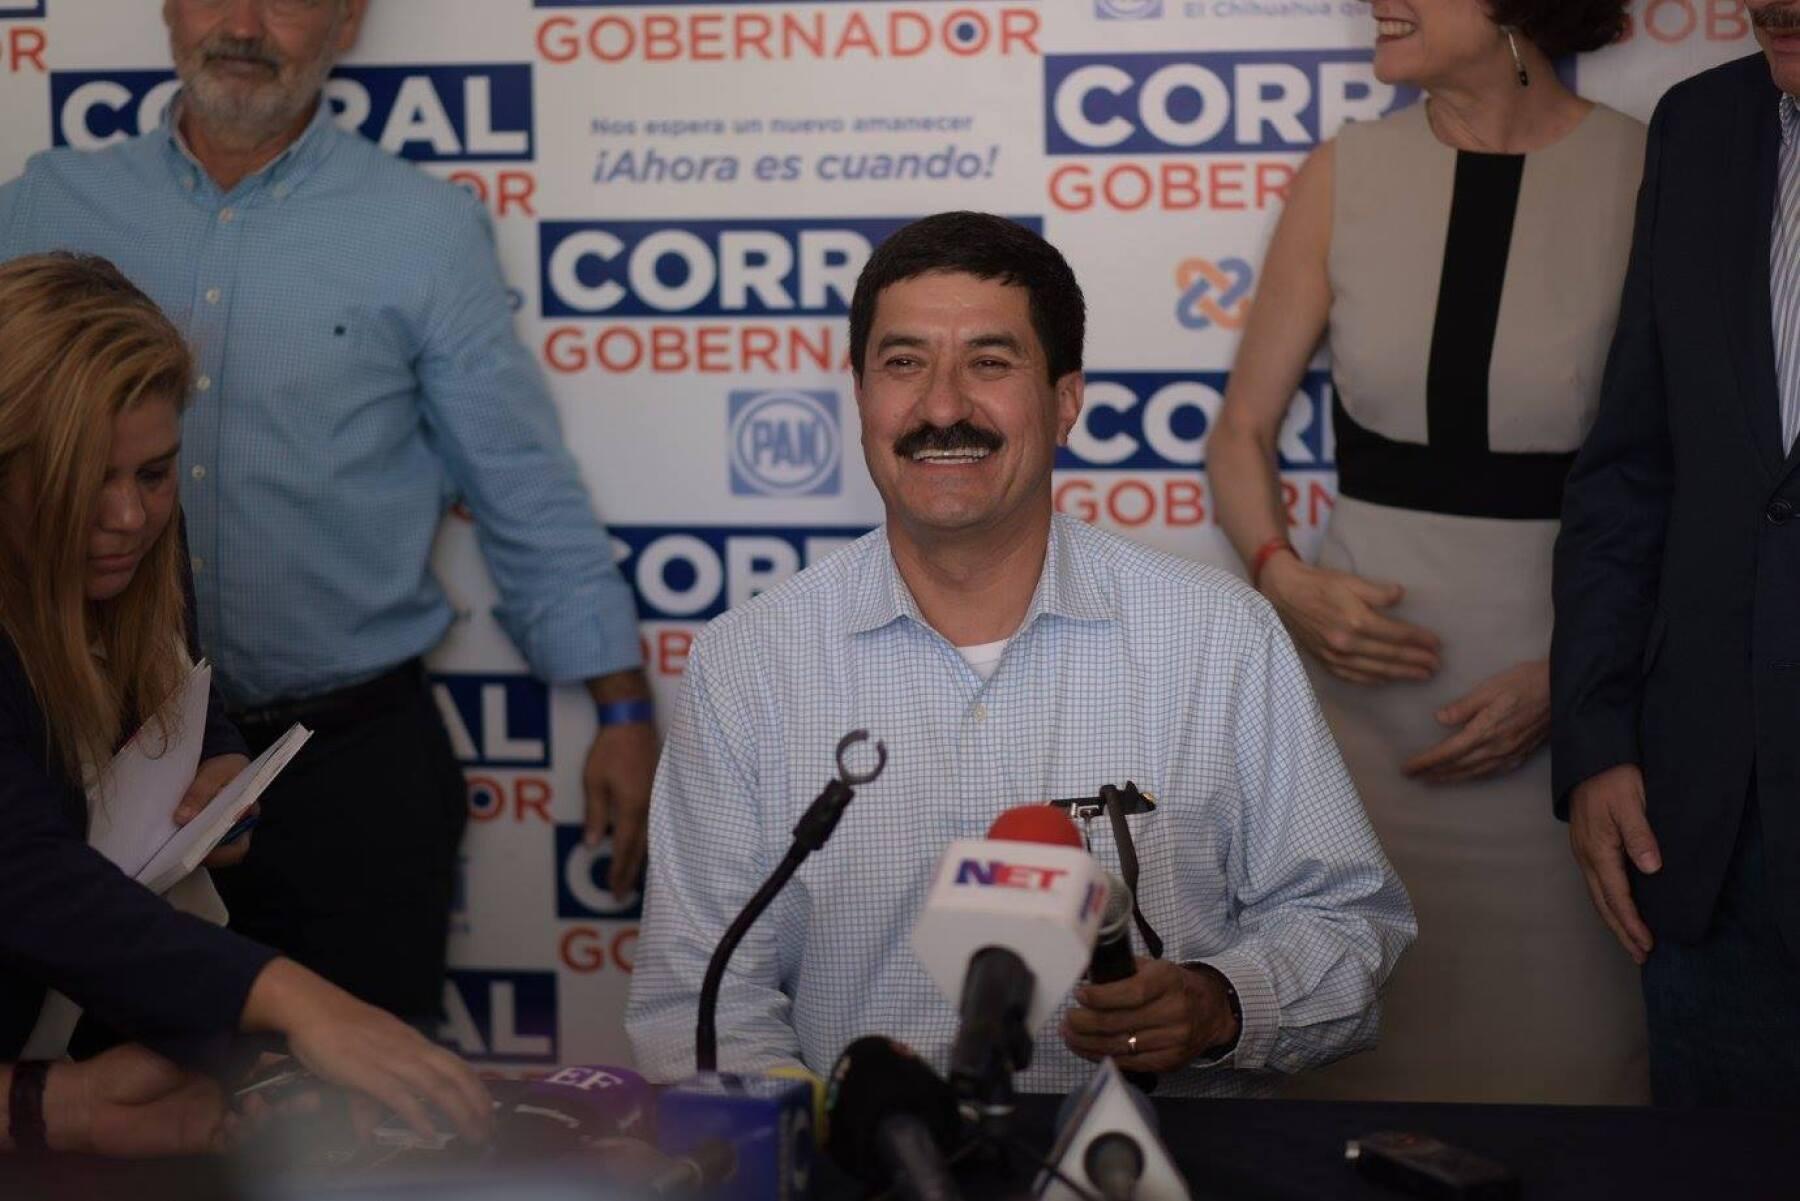 1 gubernatura, 67 alcaldías y 33 diputaciones estuvieron en disputa en las elecciones del 5 de junio.